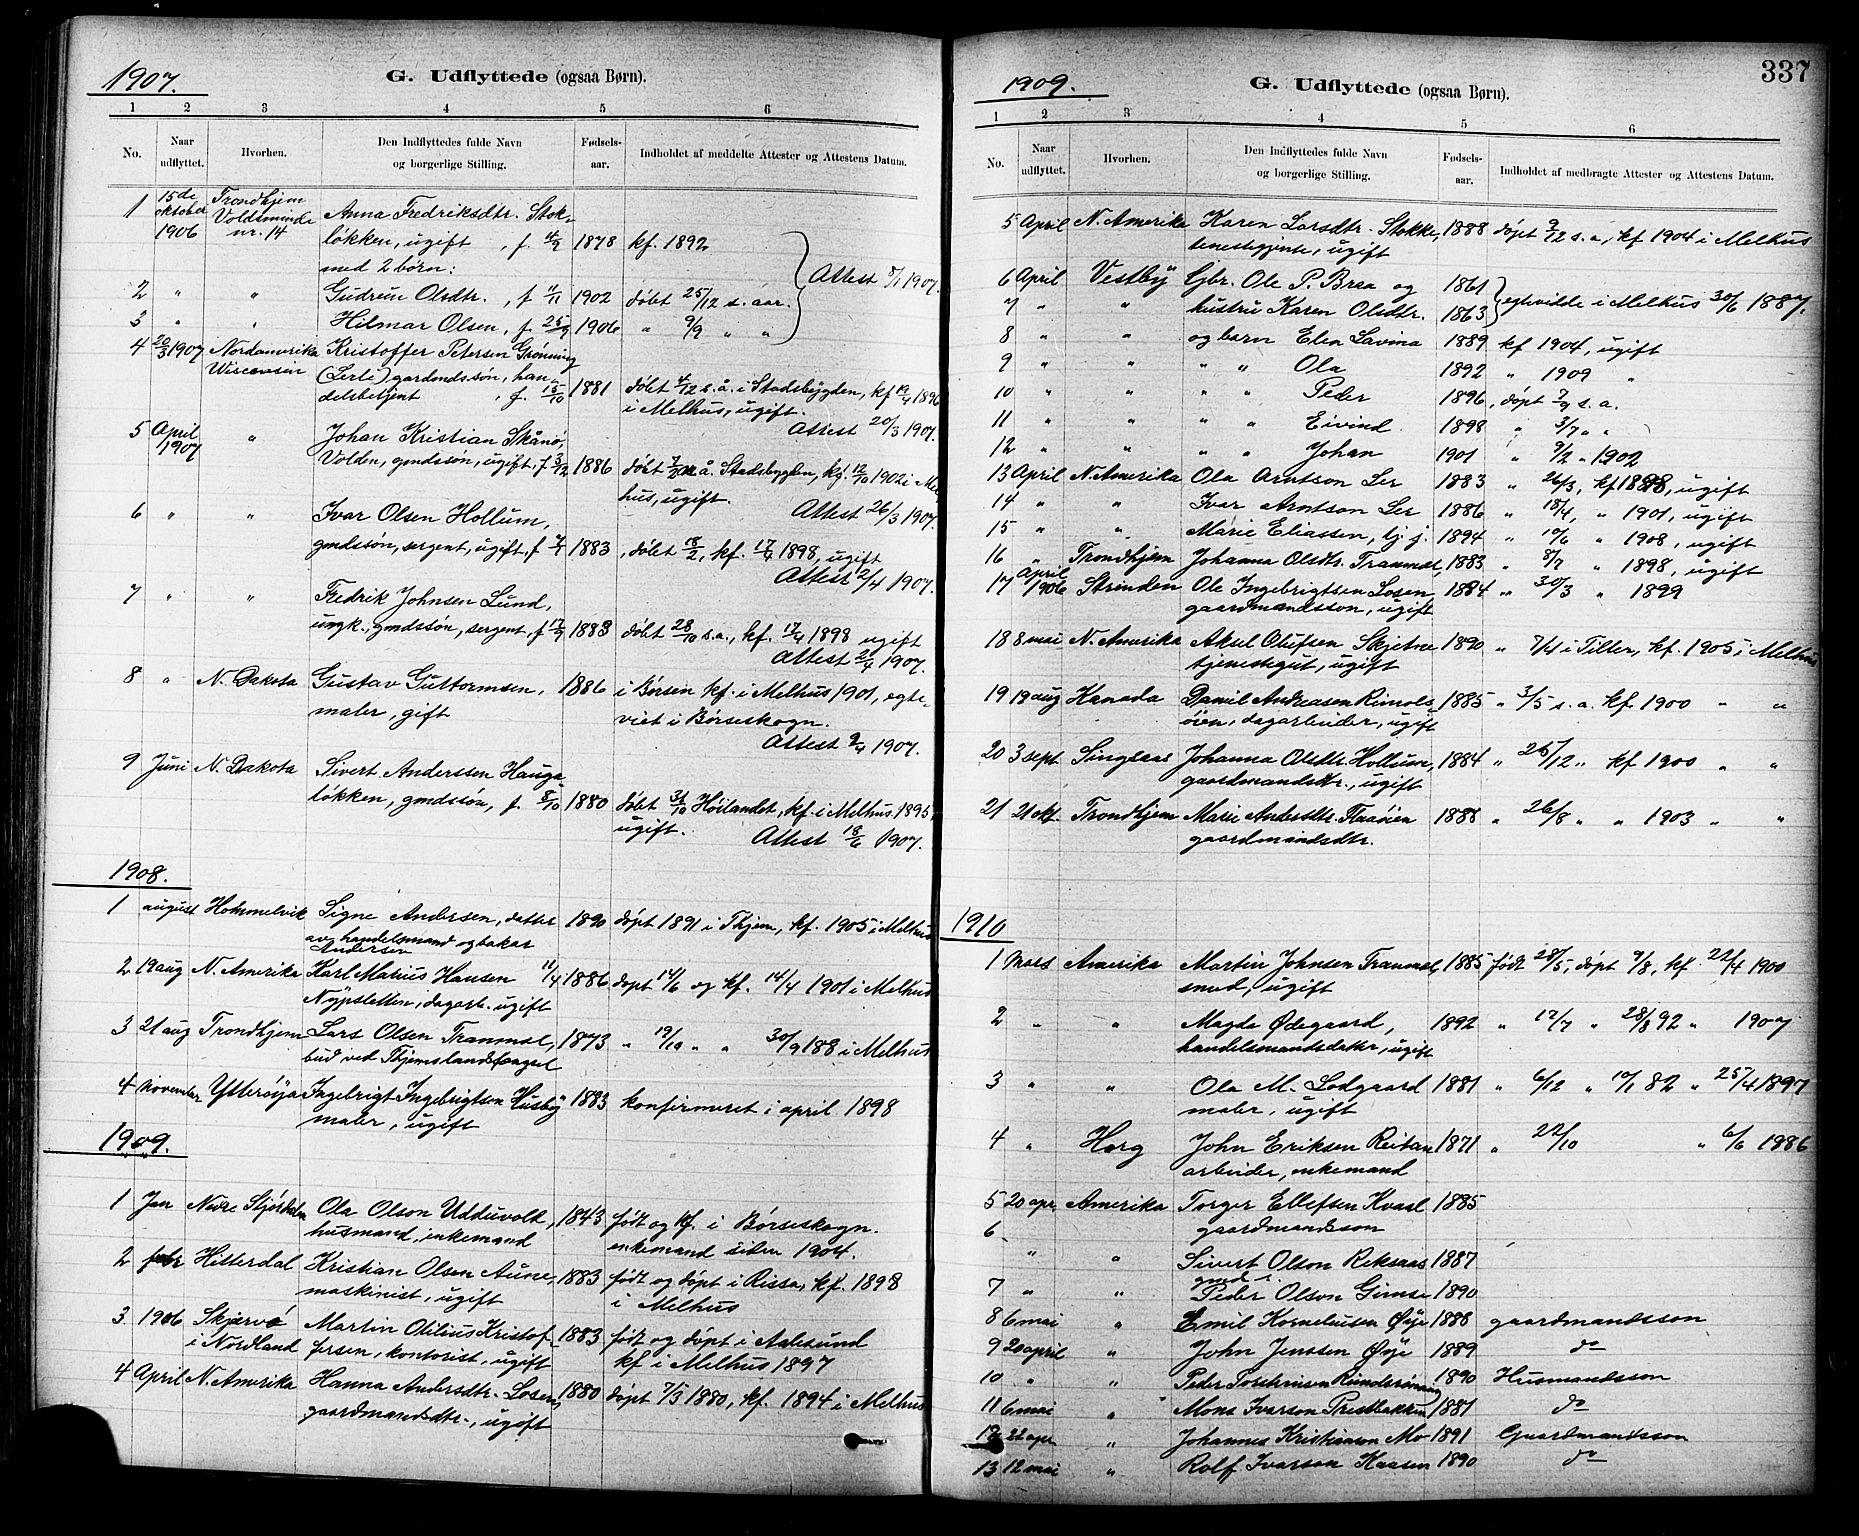 SAT, Ministerialprotokoller, klokkerbøker og fødselsregistre - Sør-Trøndelag, 691/L1094: Klokkerbok nr. 691C05, 1879-1911, s. 337